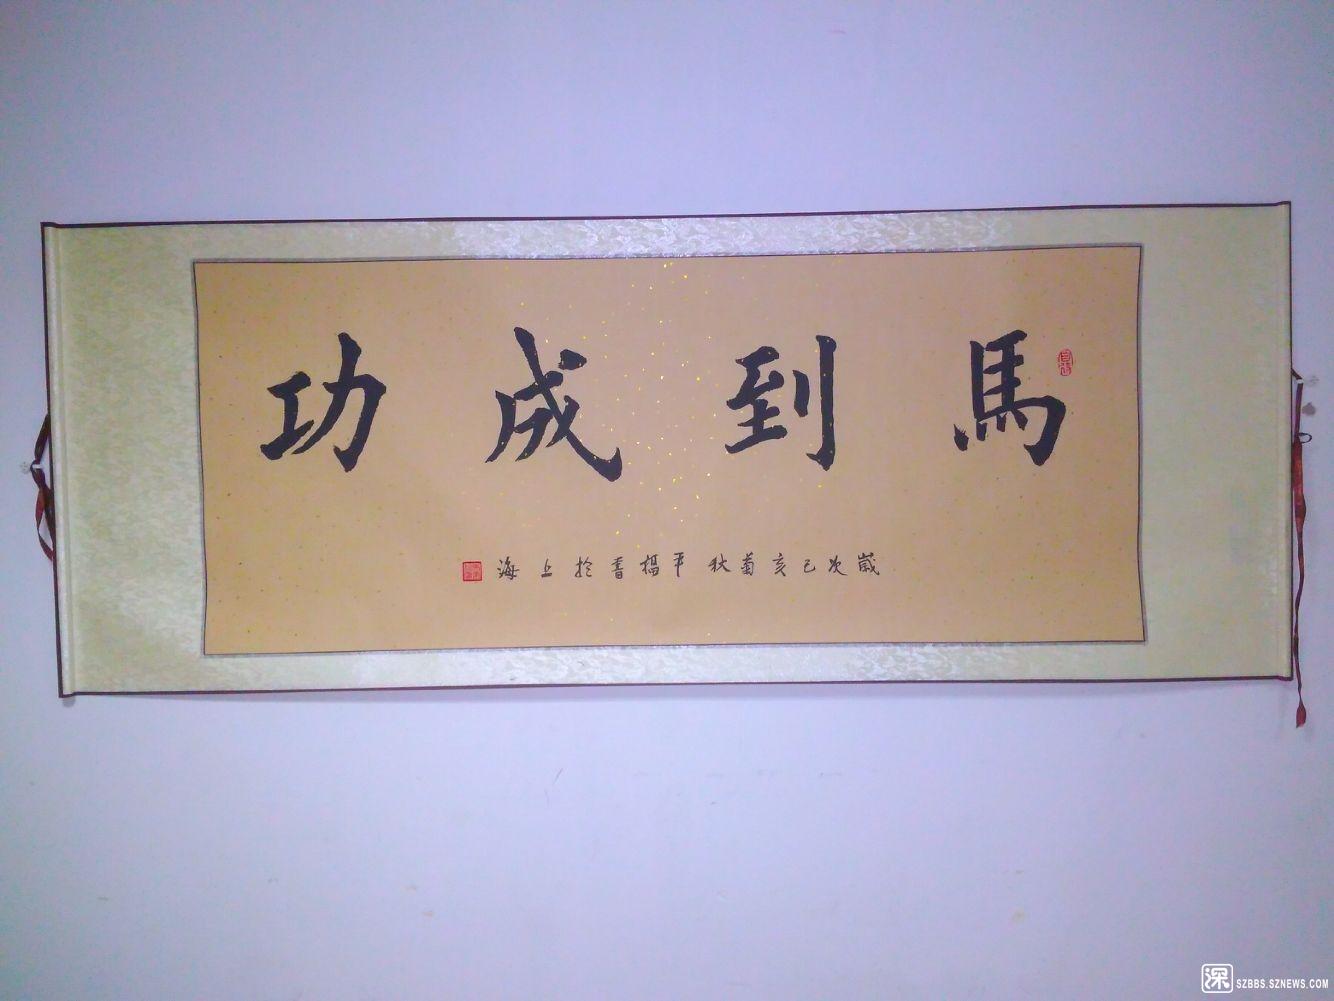 马平福 国际知名书画家 收藏级艺术品2197.jpg